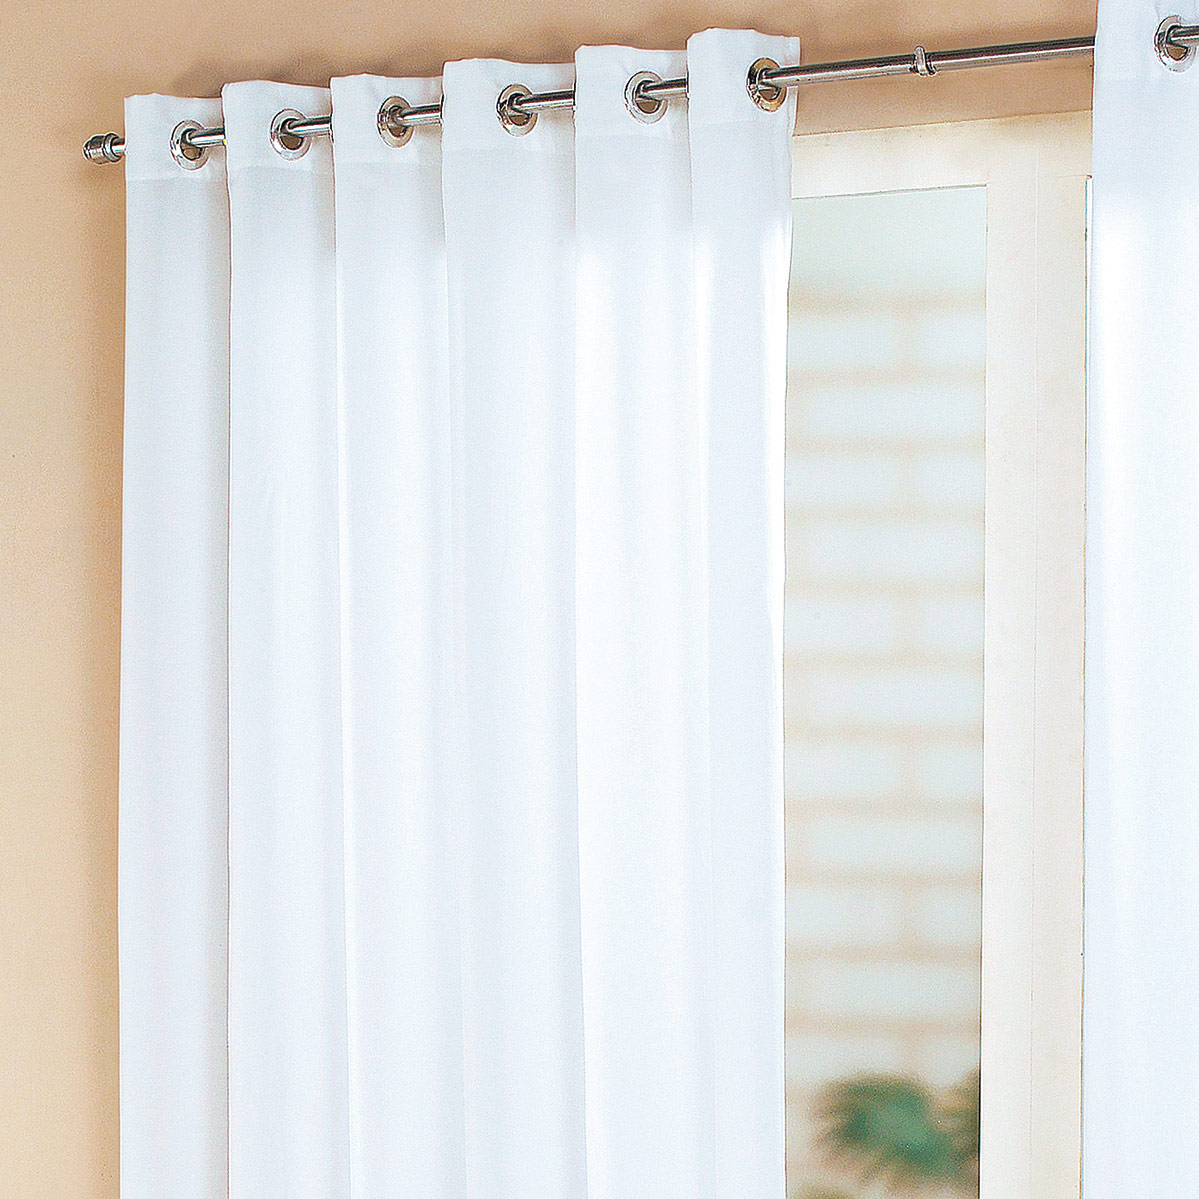 Cortina sala e quarto branco tecido cortelano algodao e - Cortinas por metros ...